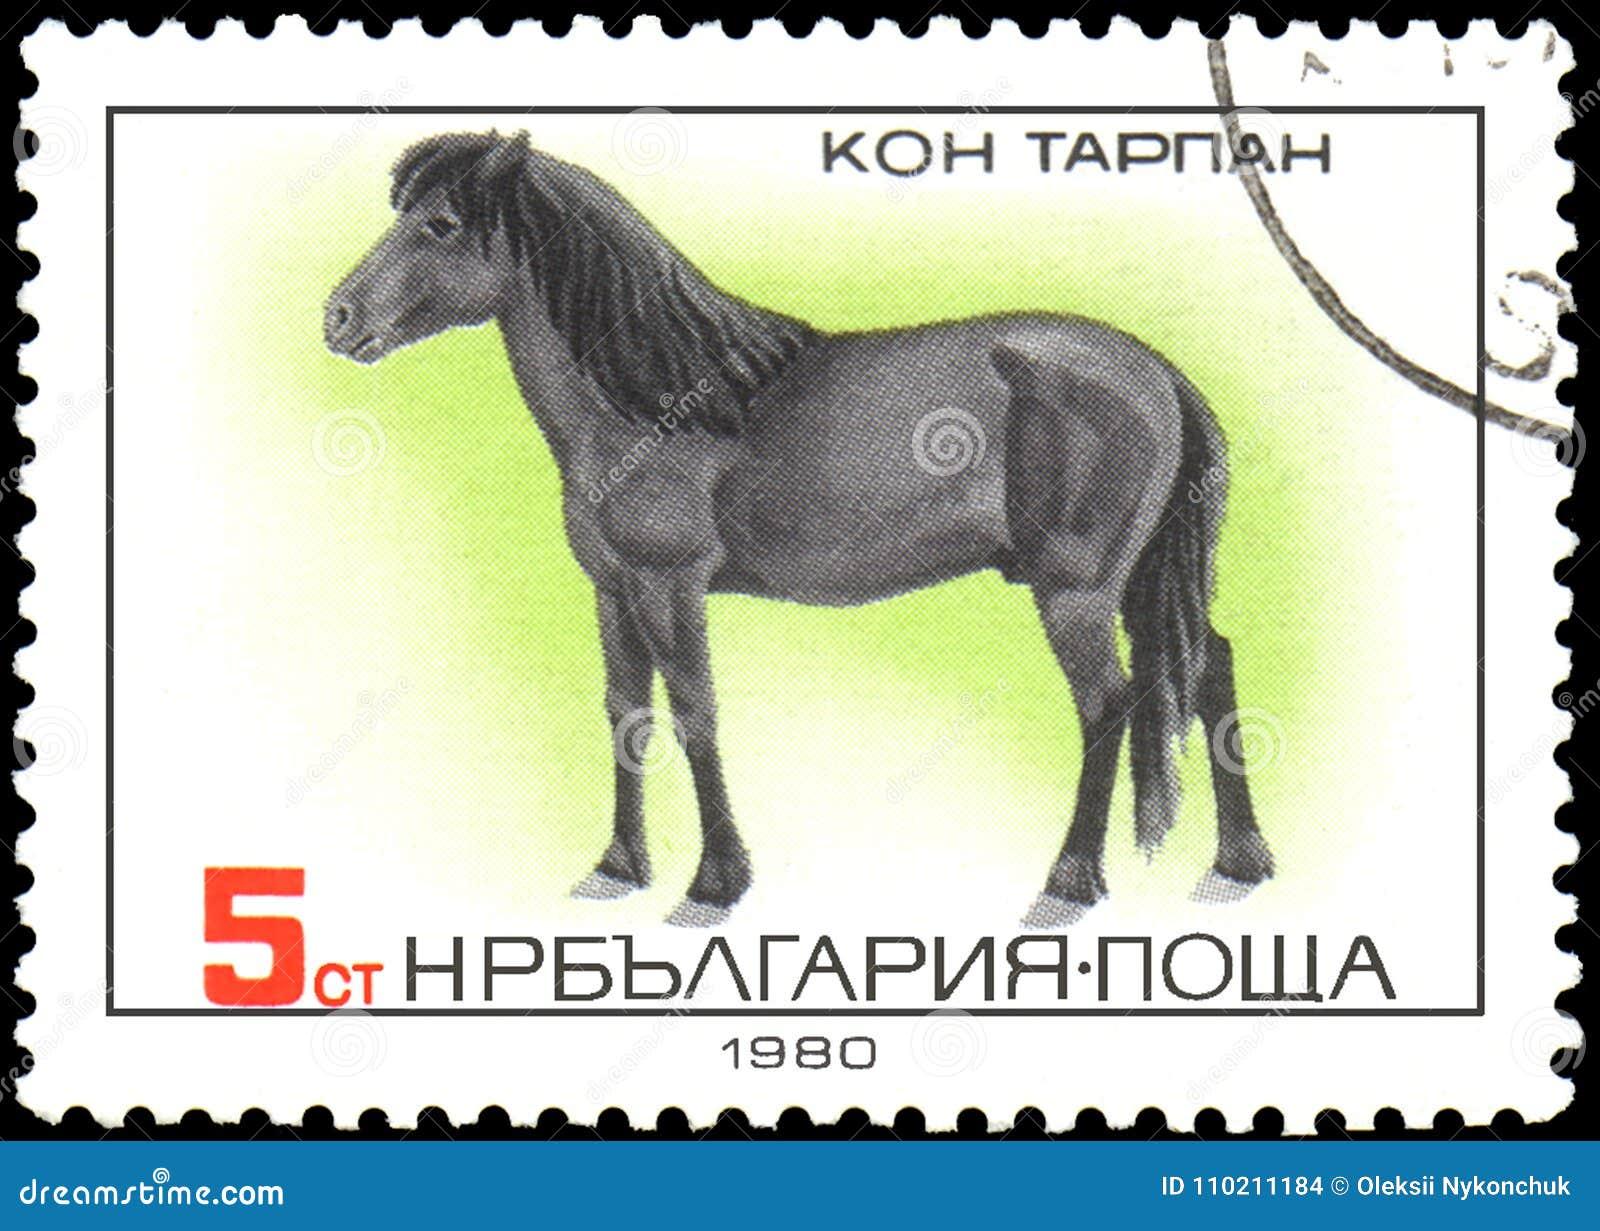 LA BULGARIE - VERS 1980 : un timbre, imprimé en Bulgarie, montre un cheval de Tarpan